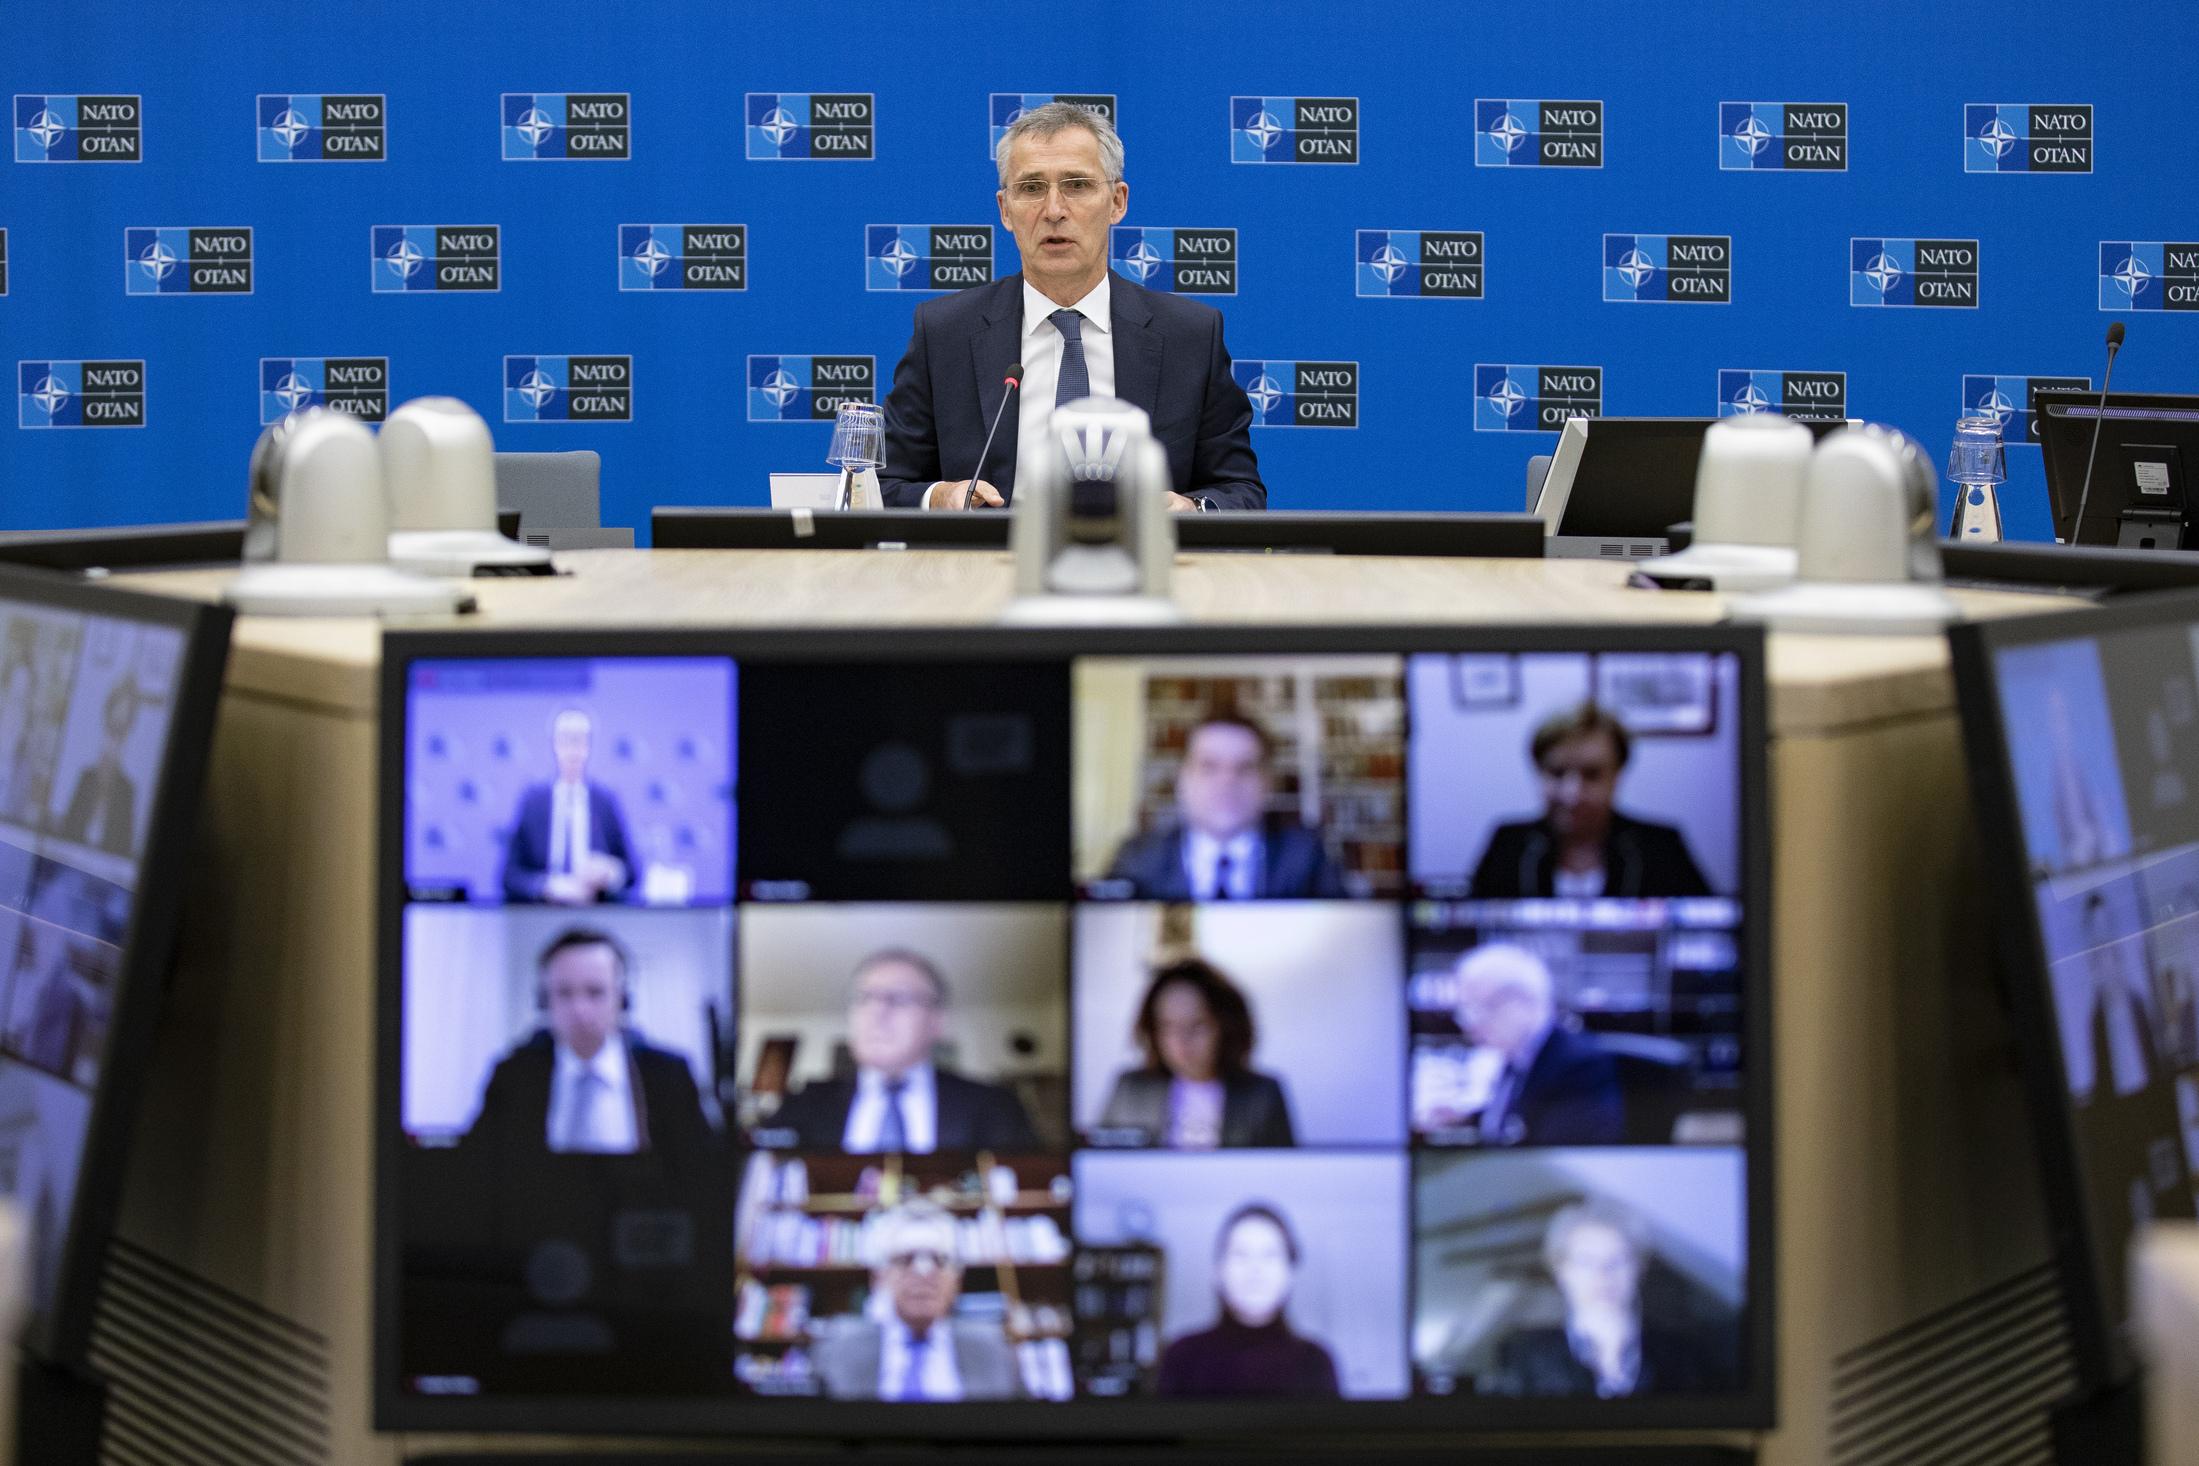 Image for NATO uus strateegiline kontseptsioon. Tasakaalustades vastuseid erisugustele ohtudele.